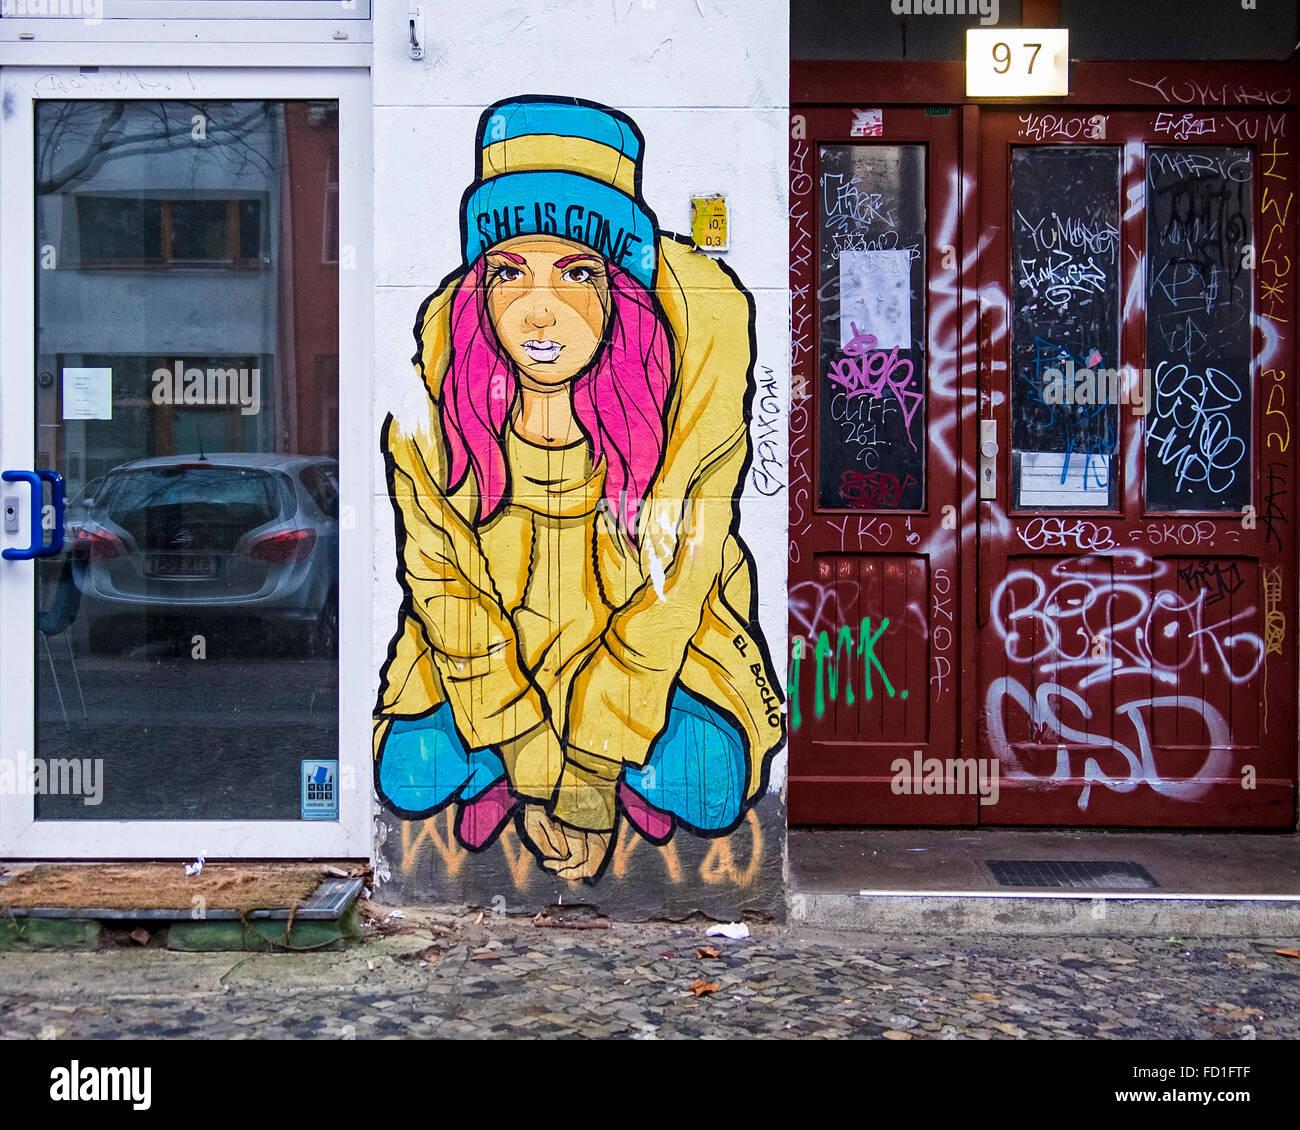 Berlin graffiti street art. Pink haired woman by street artist, 'El Bocho' - Stock Image